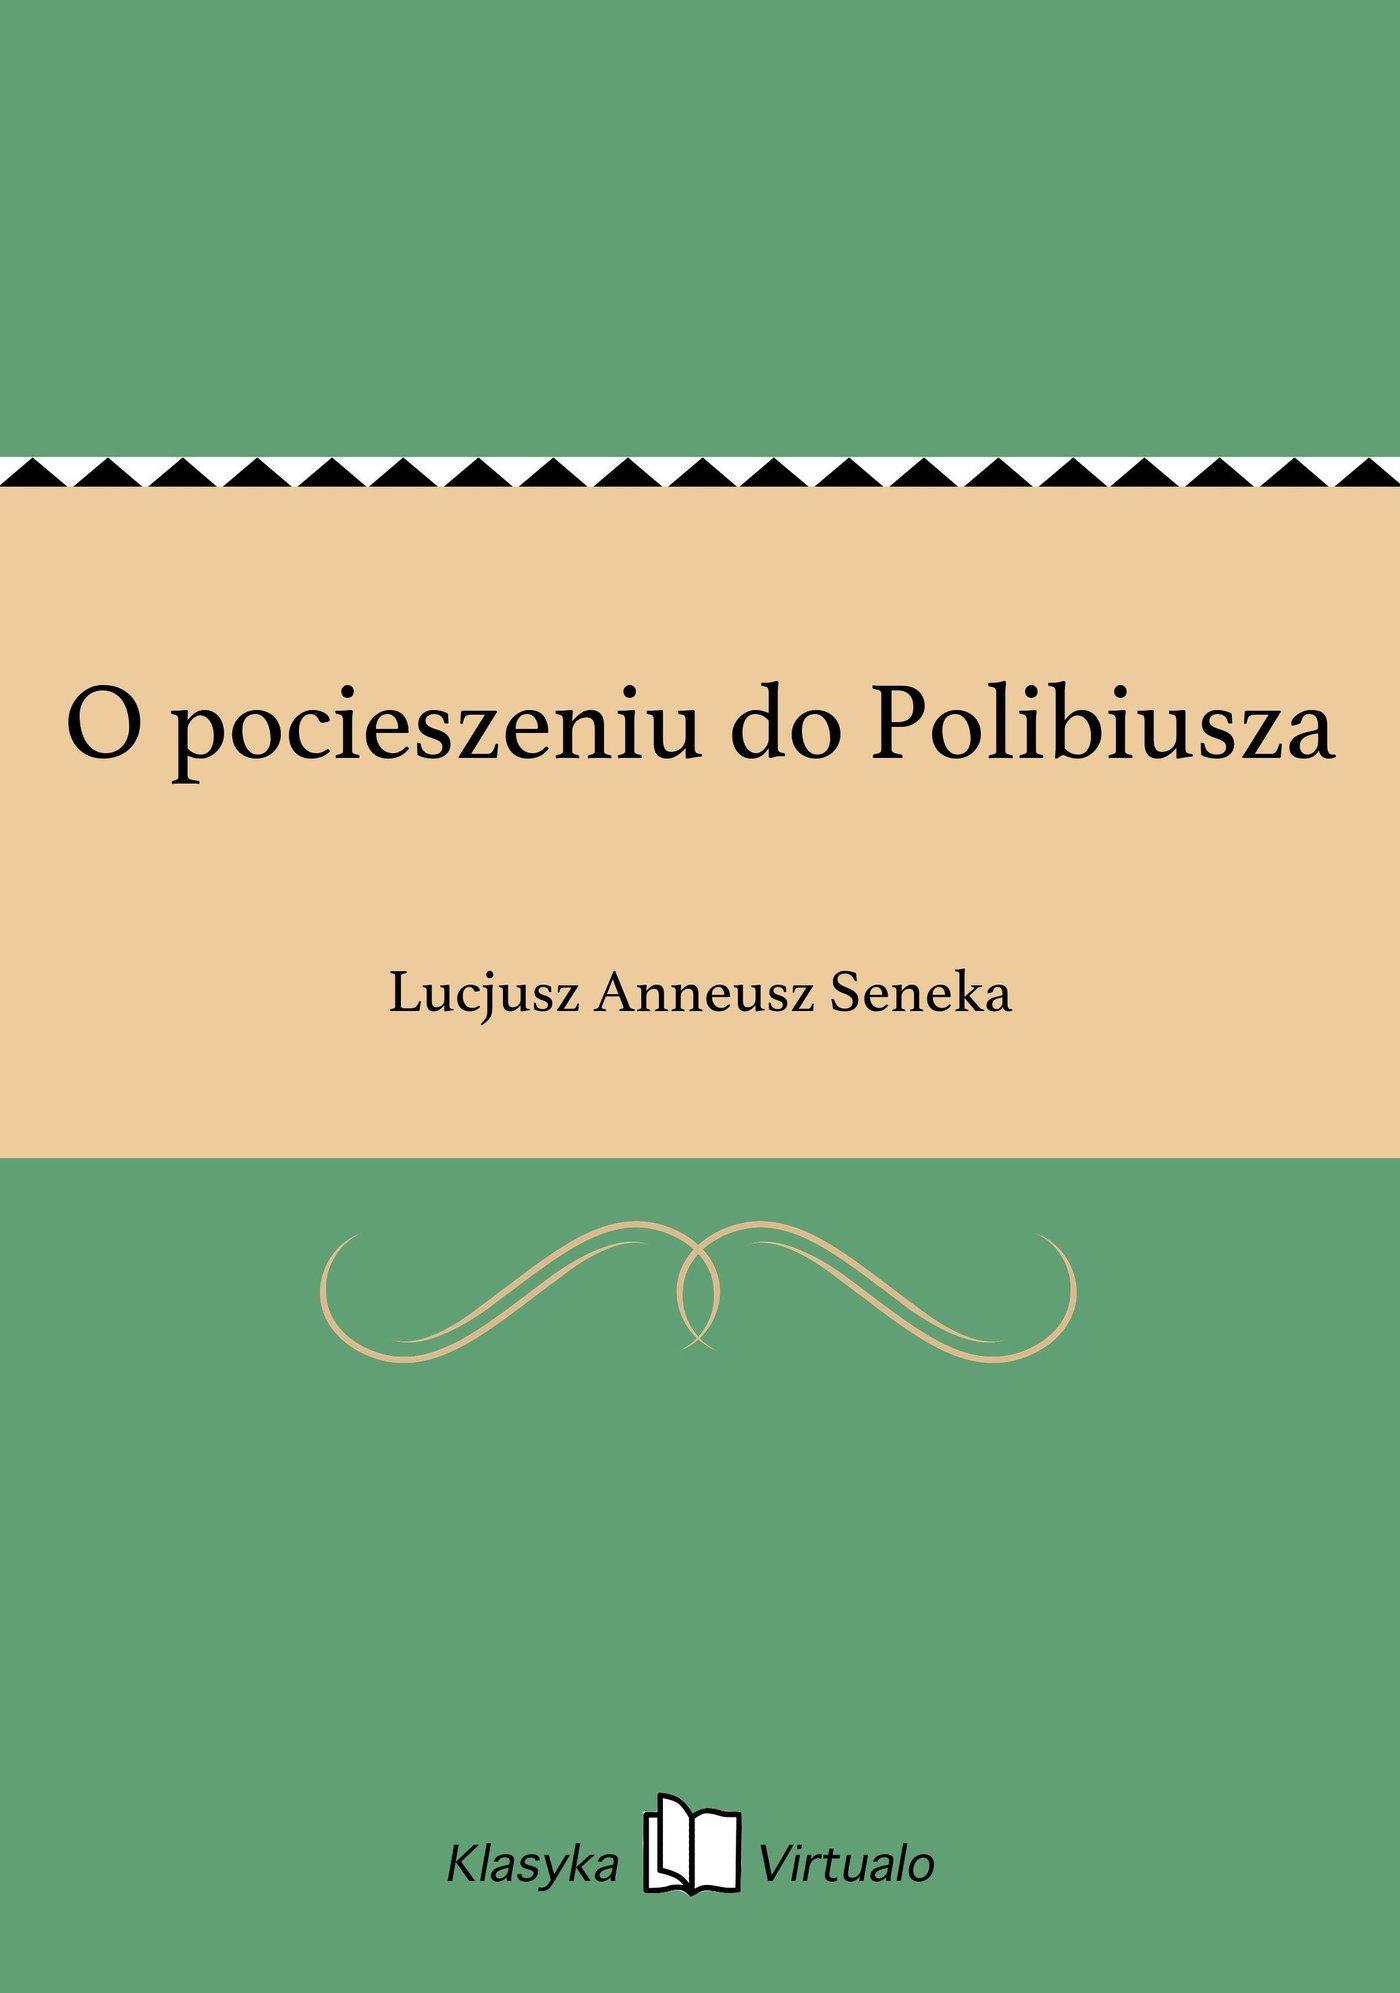 O pocieszeniu do Polibiusza - Ebook (Książka EPUB) do pobrania w formacie EPUB